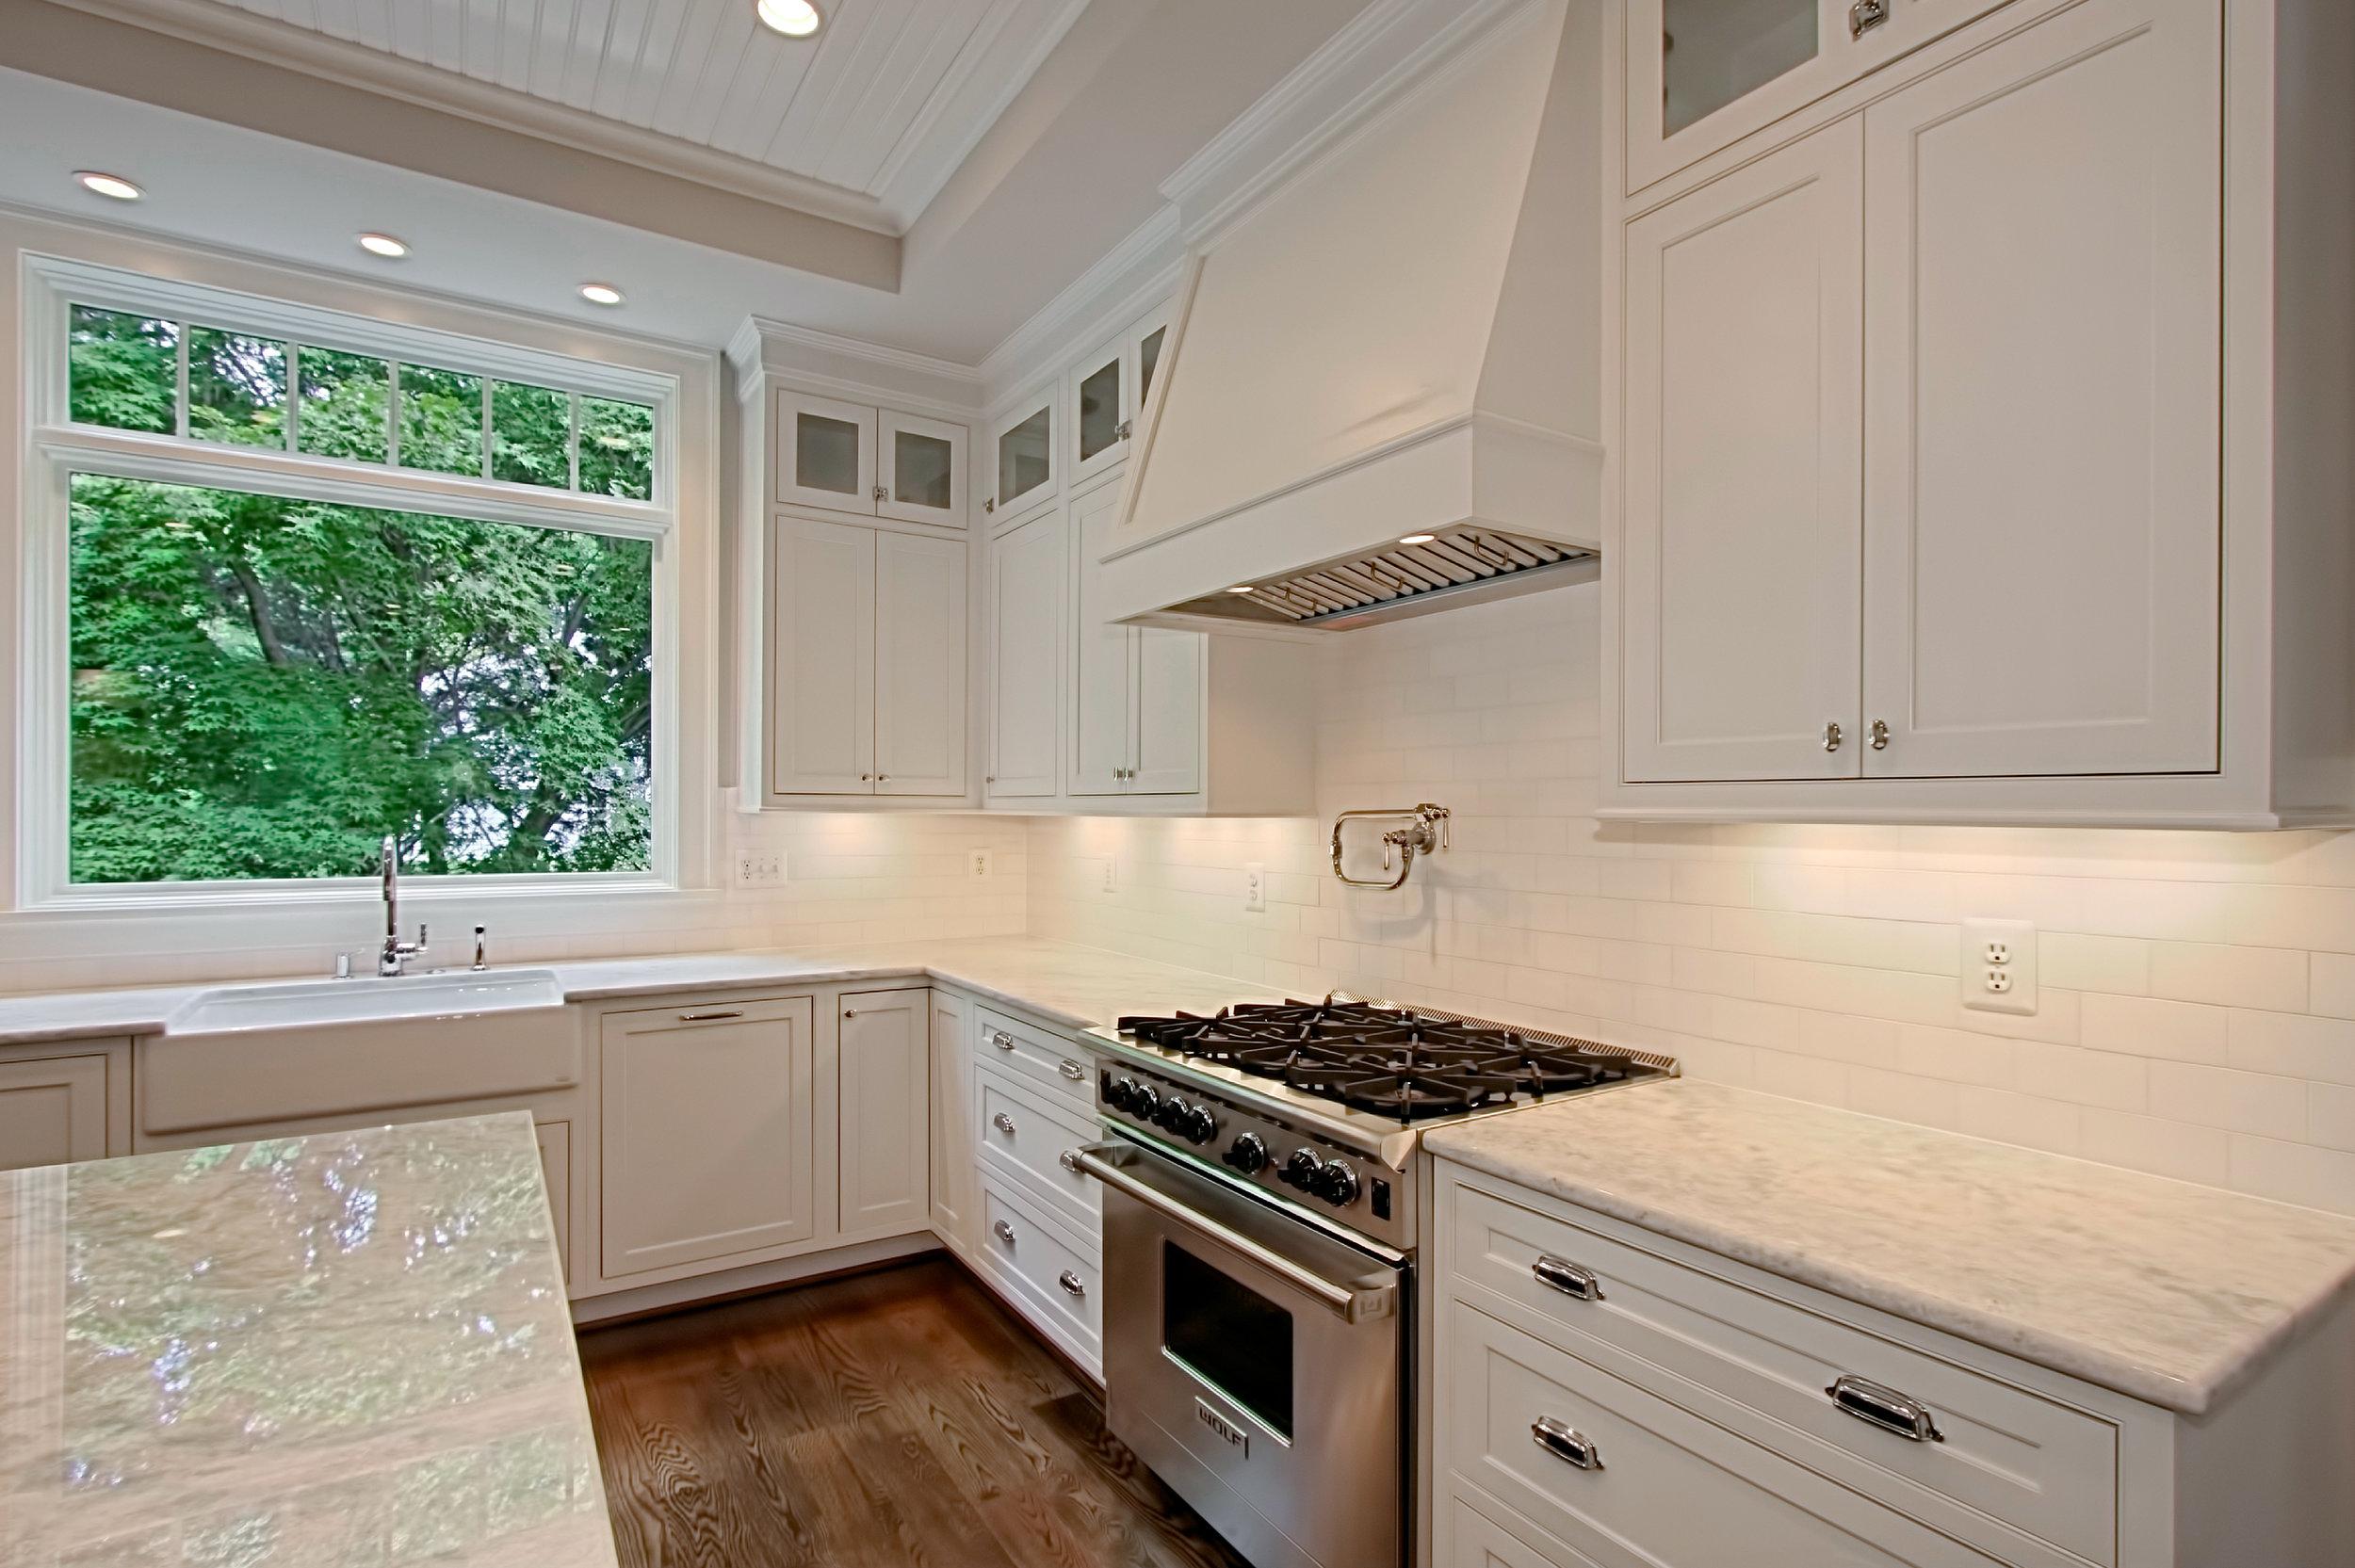 1886 Virginia Ave. - Kitchen 3.jpg